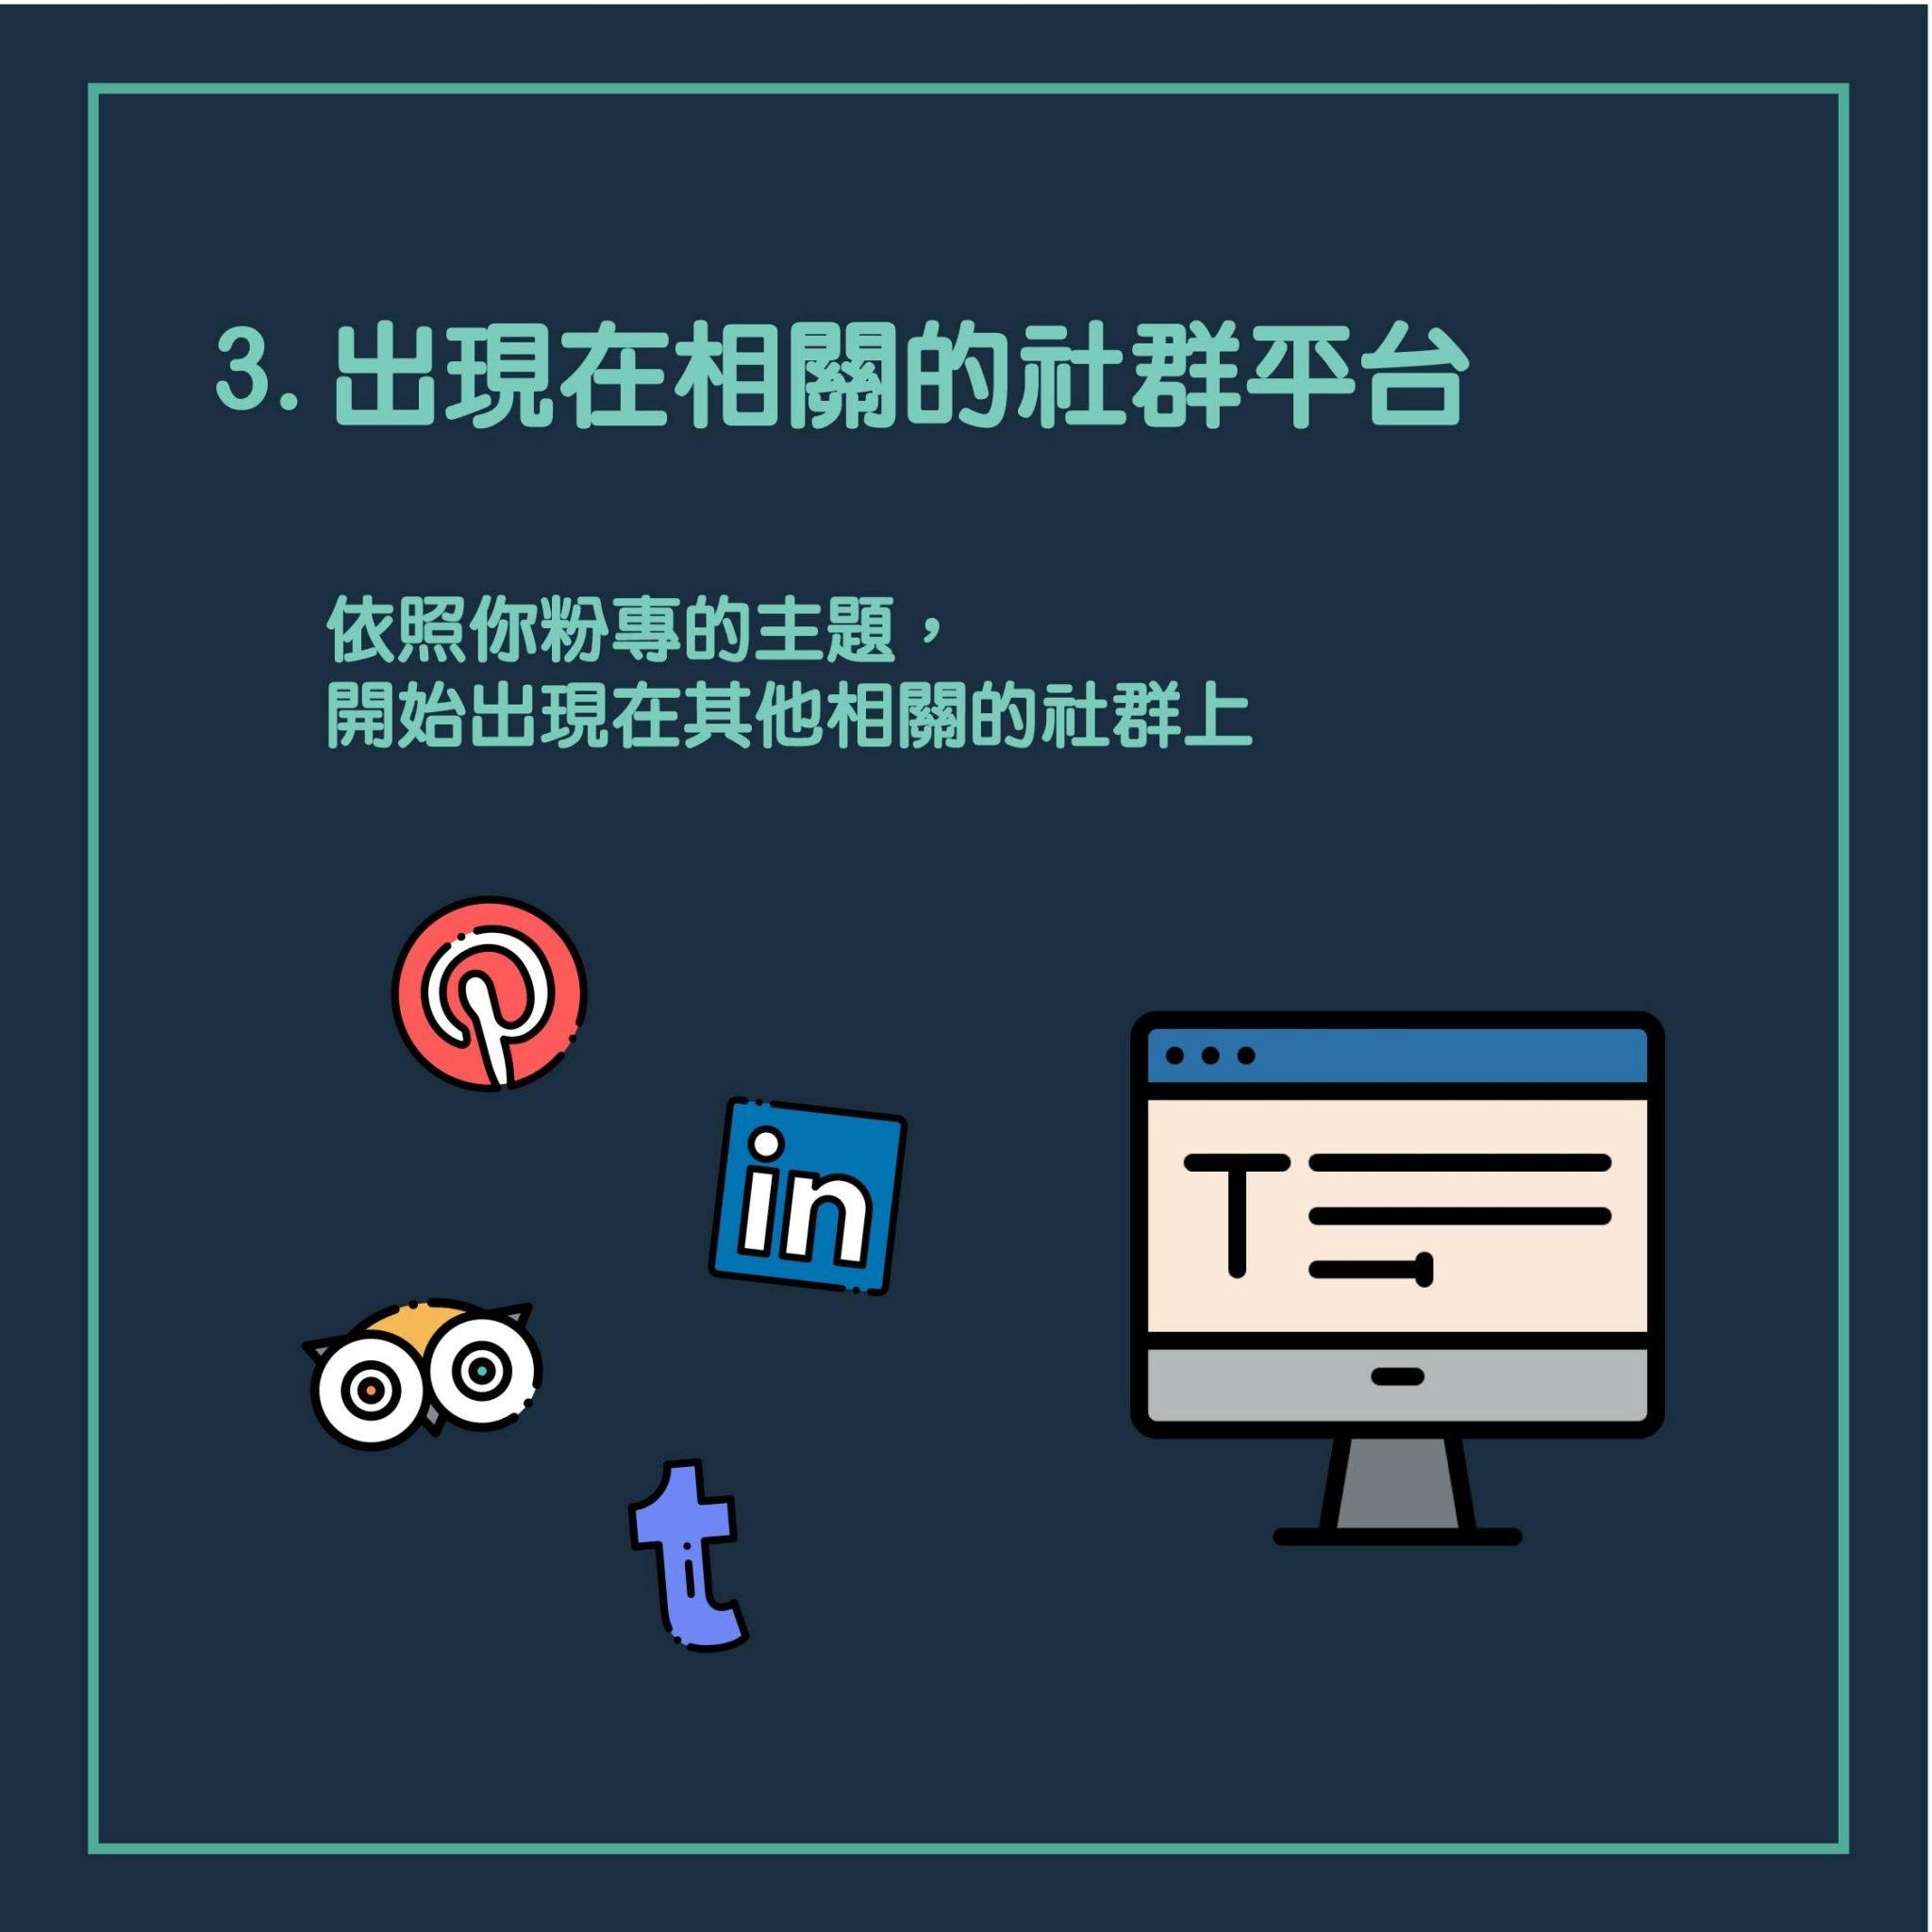 3. 出現在相關的社群平台